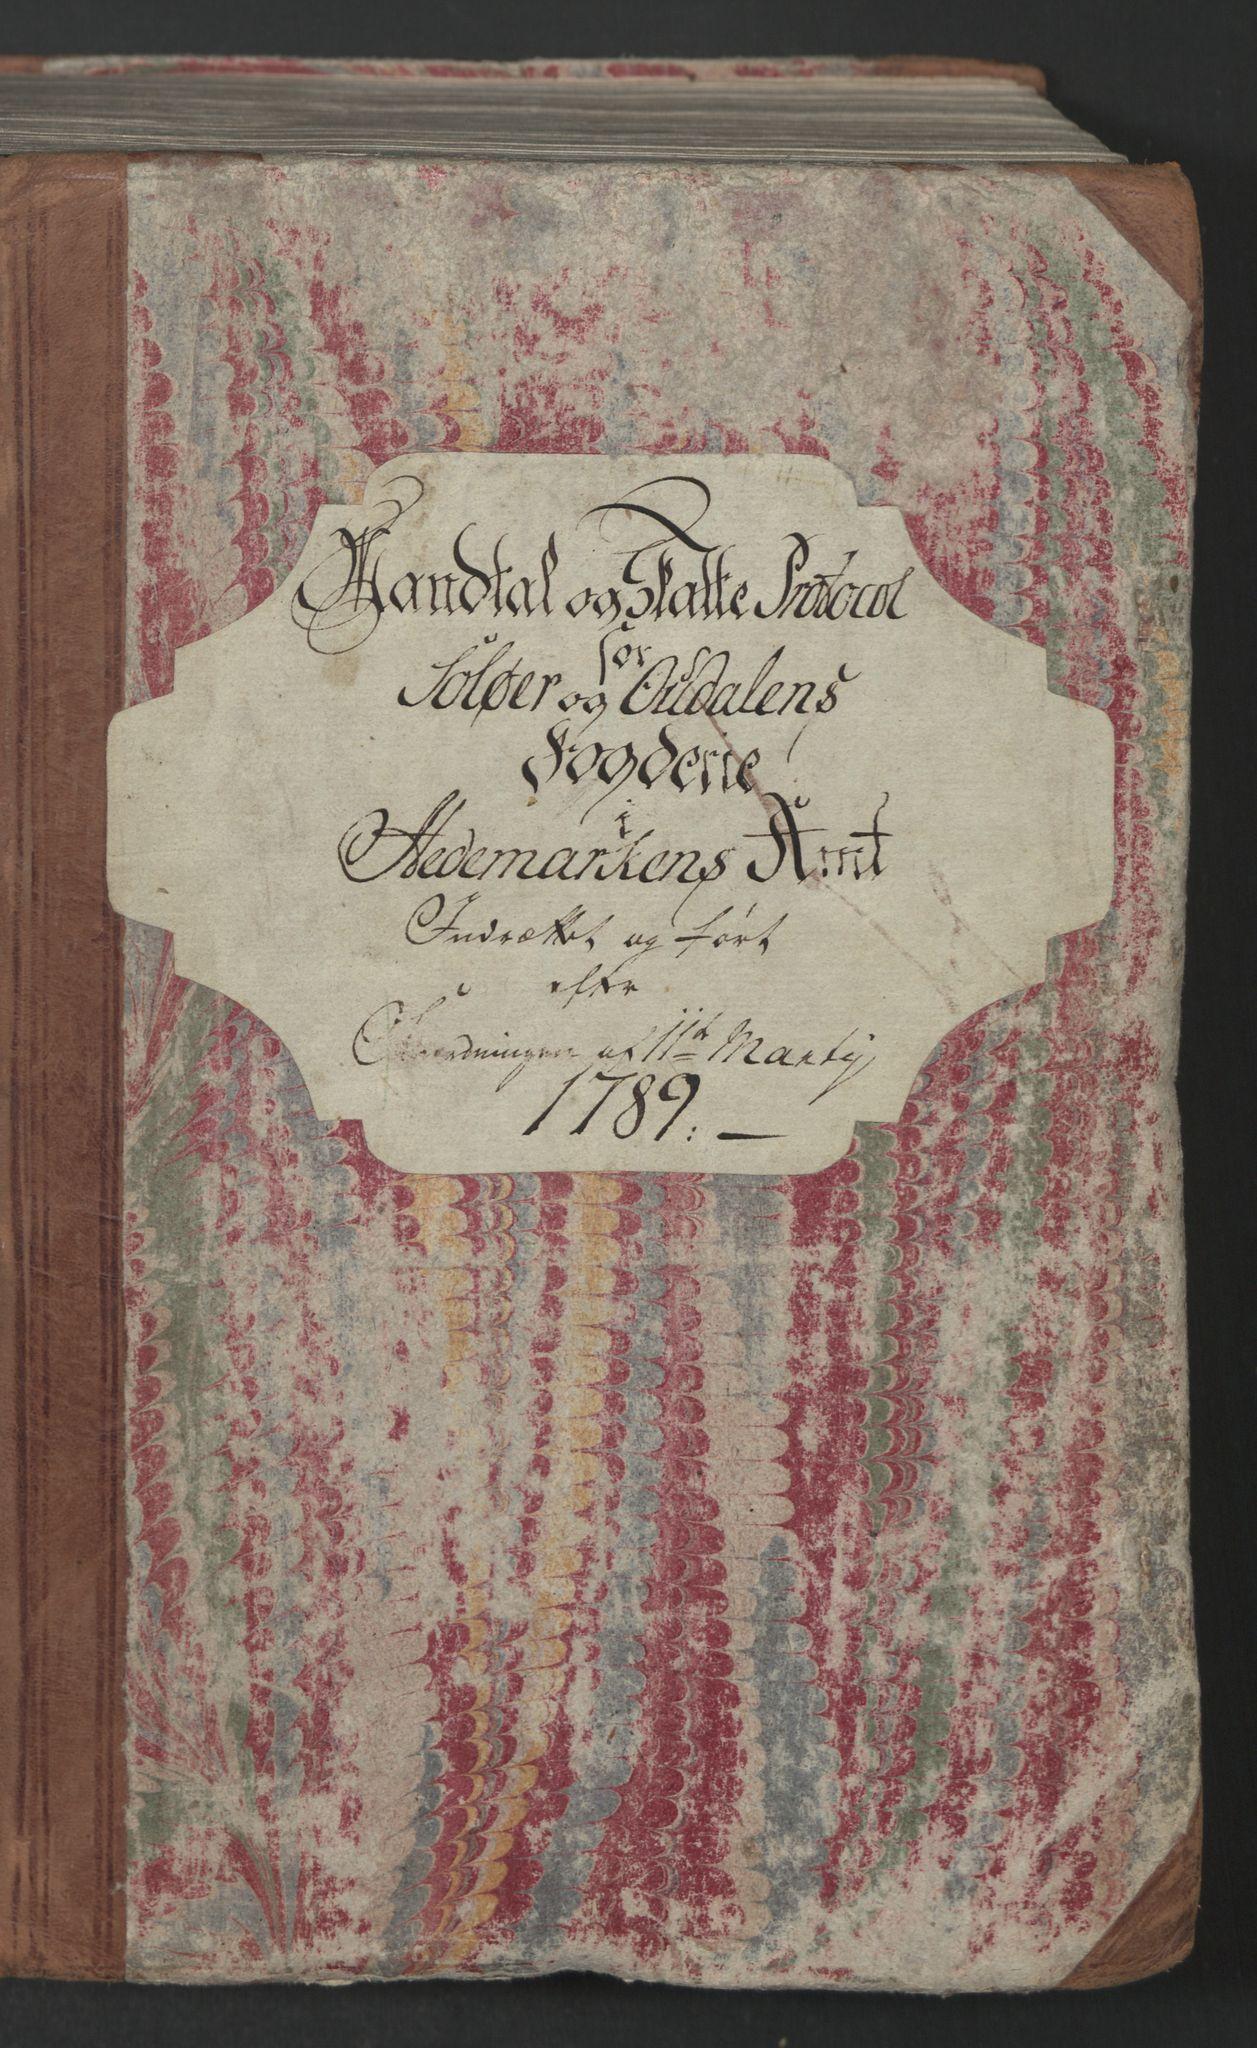 RA, Rentekammeret inntil 1814, Reviderte regnskaper, Mindre regnskaper, Rf/Rfe/L0044:  Solør og Odalen fogderi, 1789, s. 2